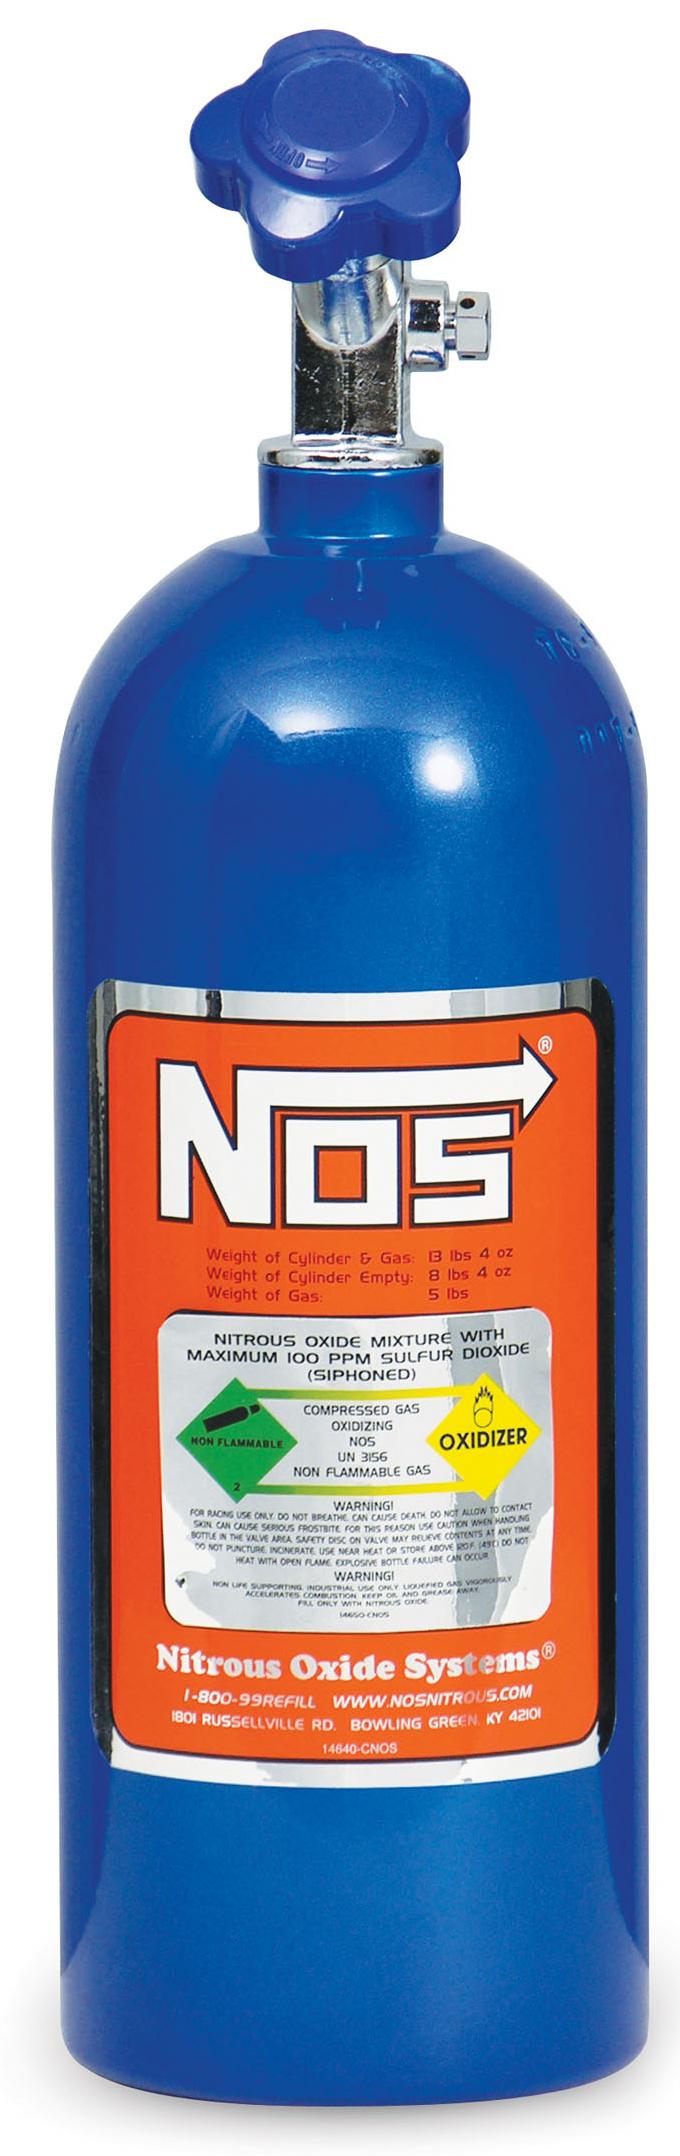 NOS-tank